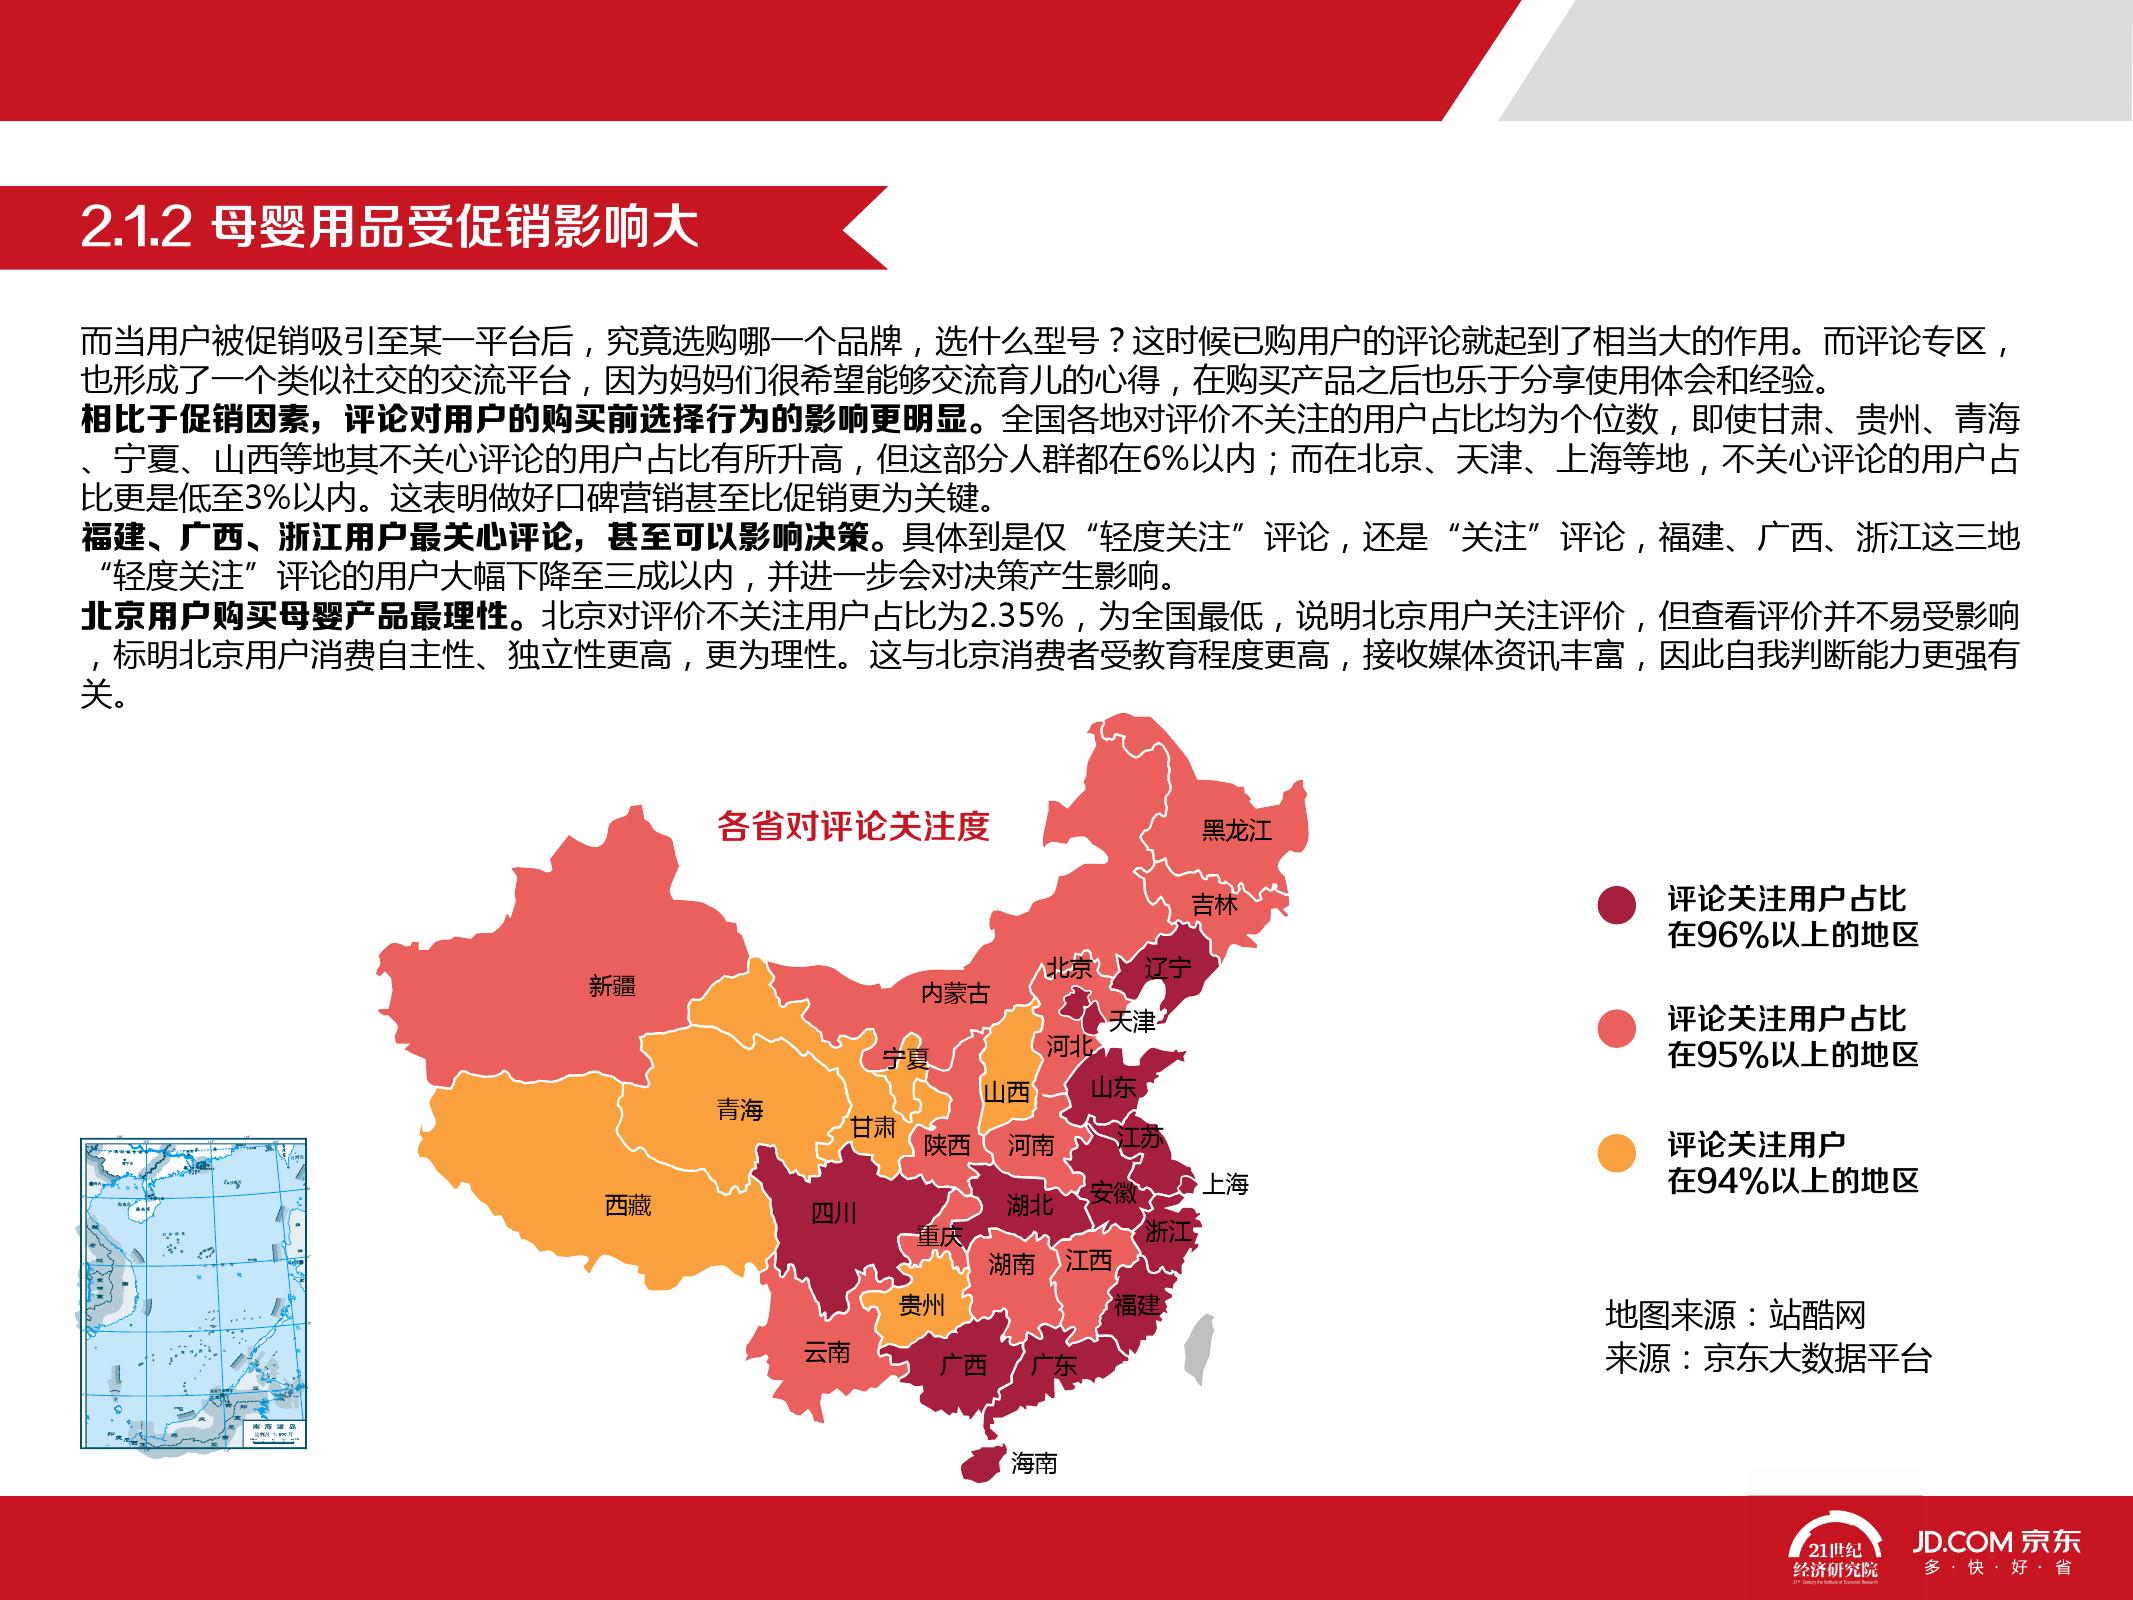 2016中国母婴产品消费趋势报告_000021